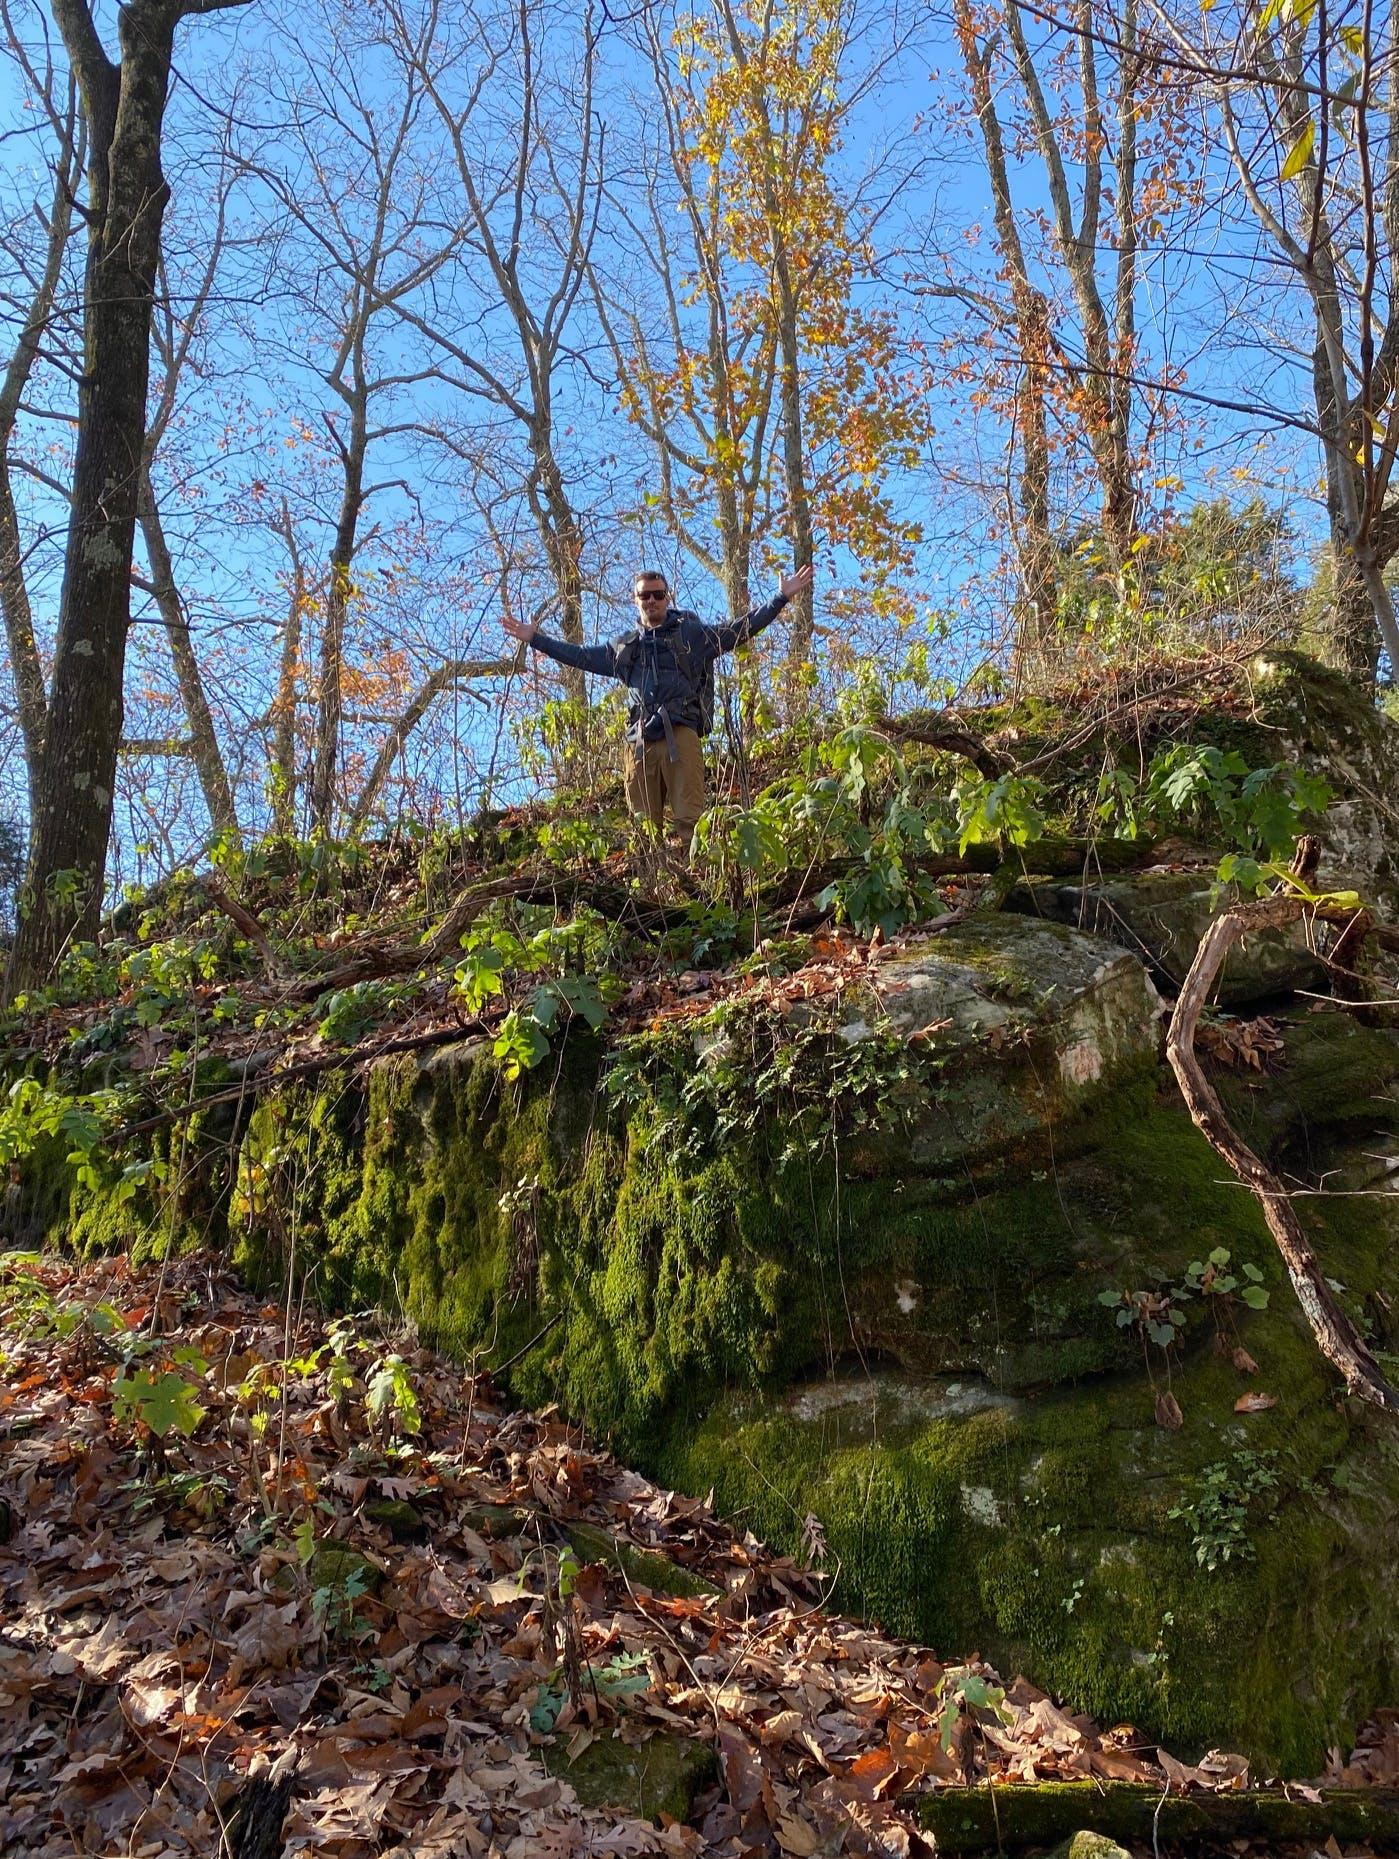 Camping & Hiking Expert Micah D.